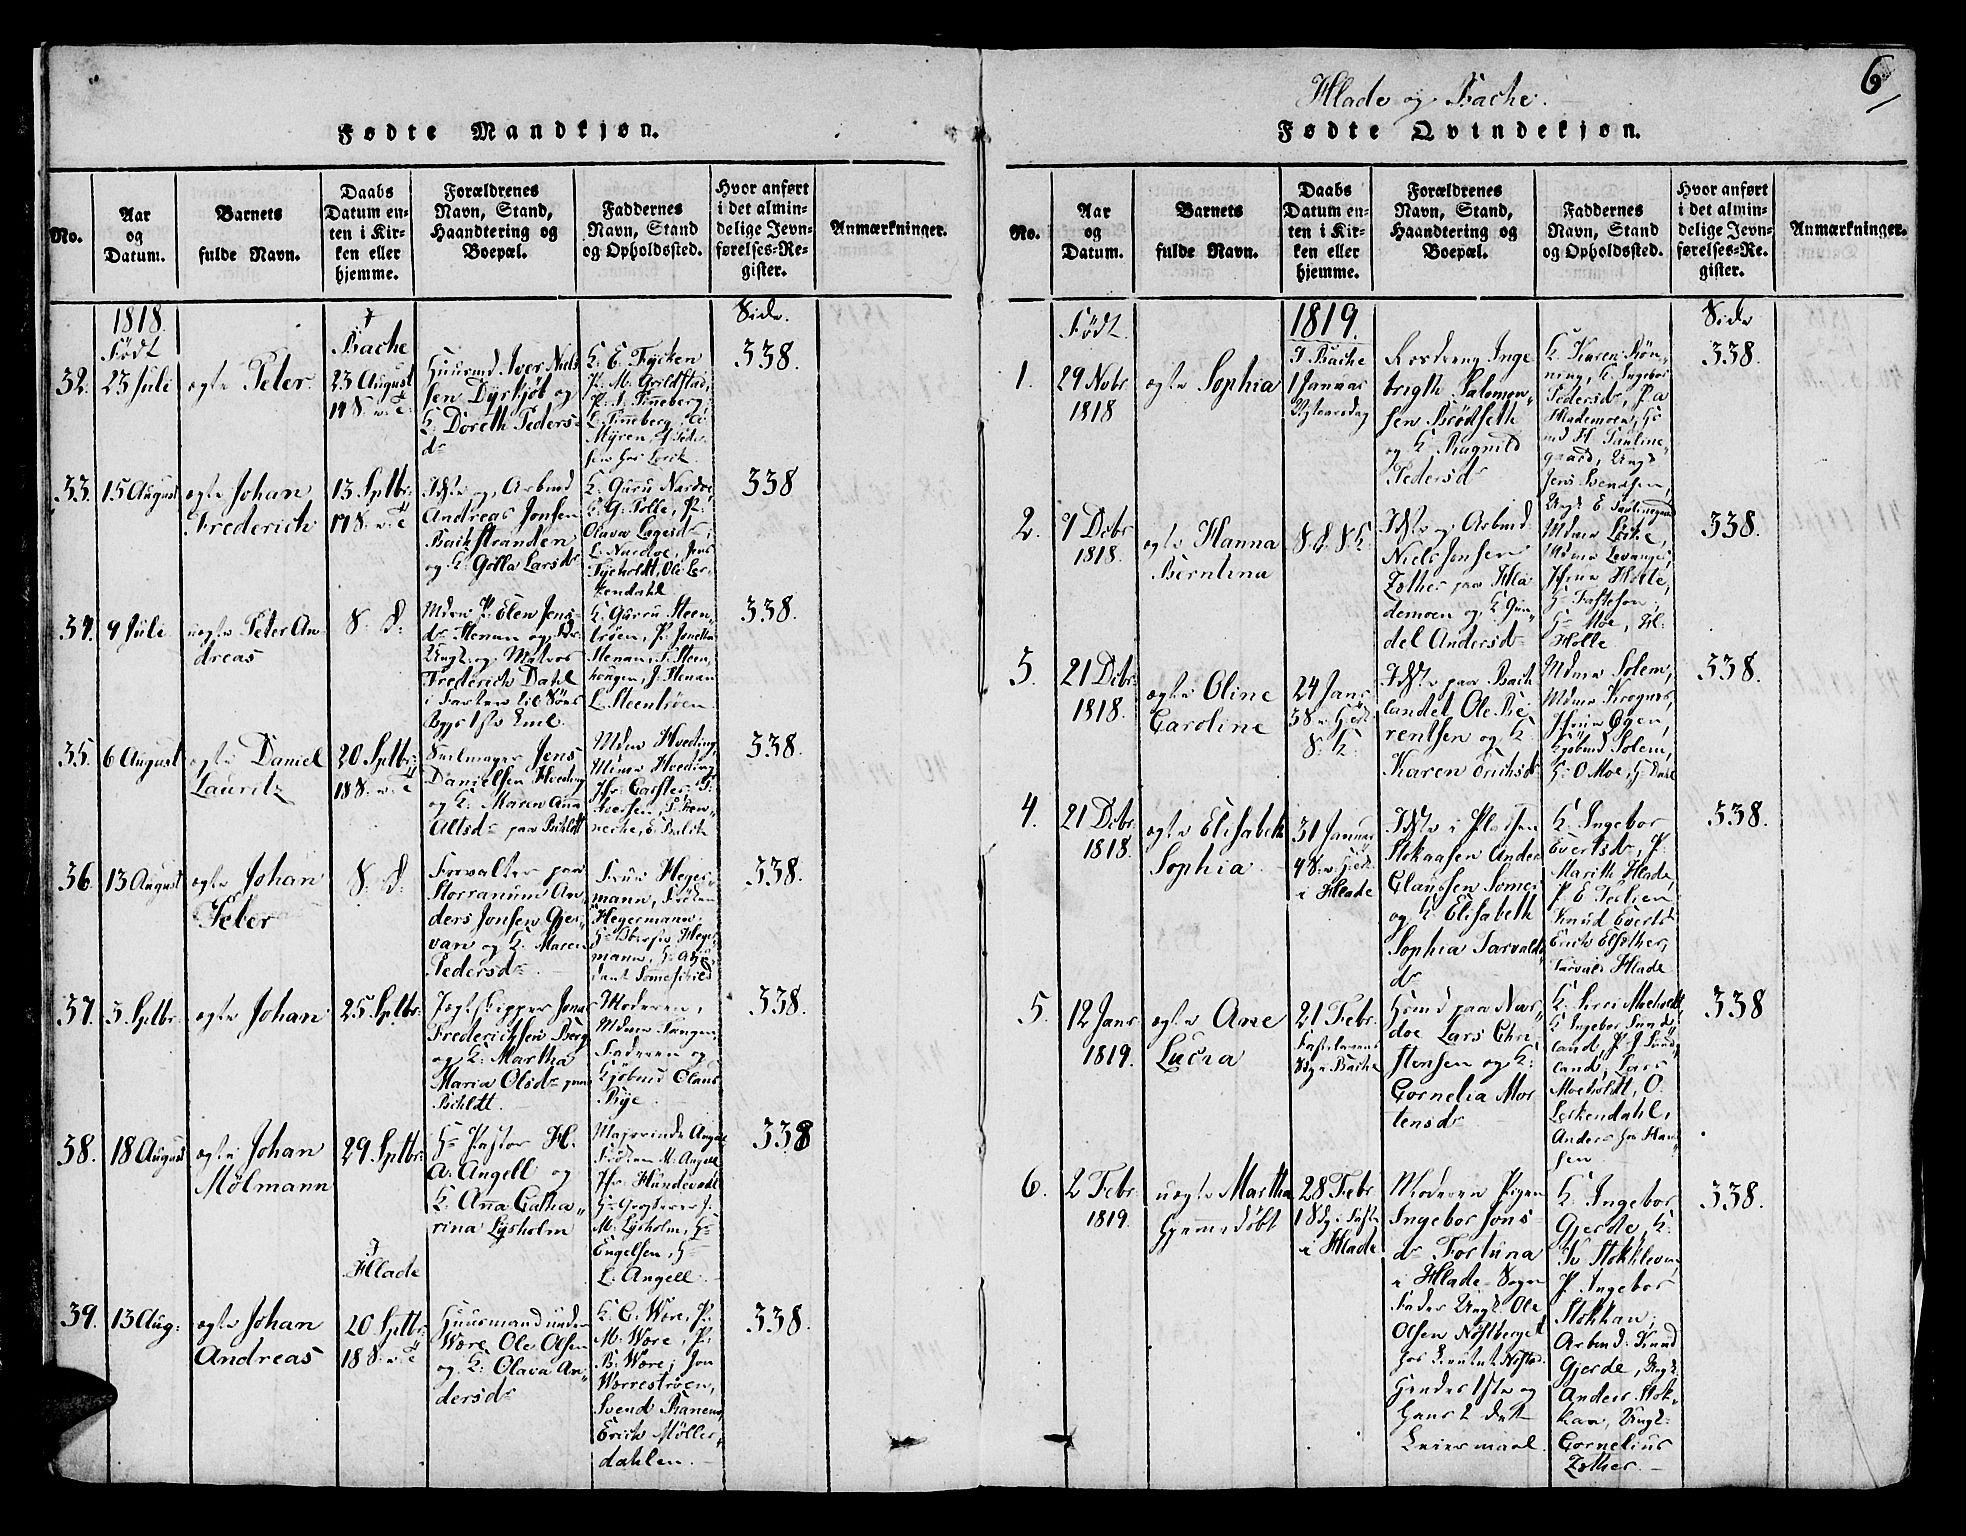 SAT, Ministerialprotokoller, klokkerbøker og fødselsregistre - Sør-Trøndelag, 606/L0283: Ministerialbok nr. 606A03 /1, 1818-1823, s. 6